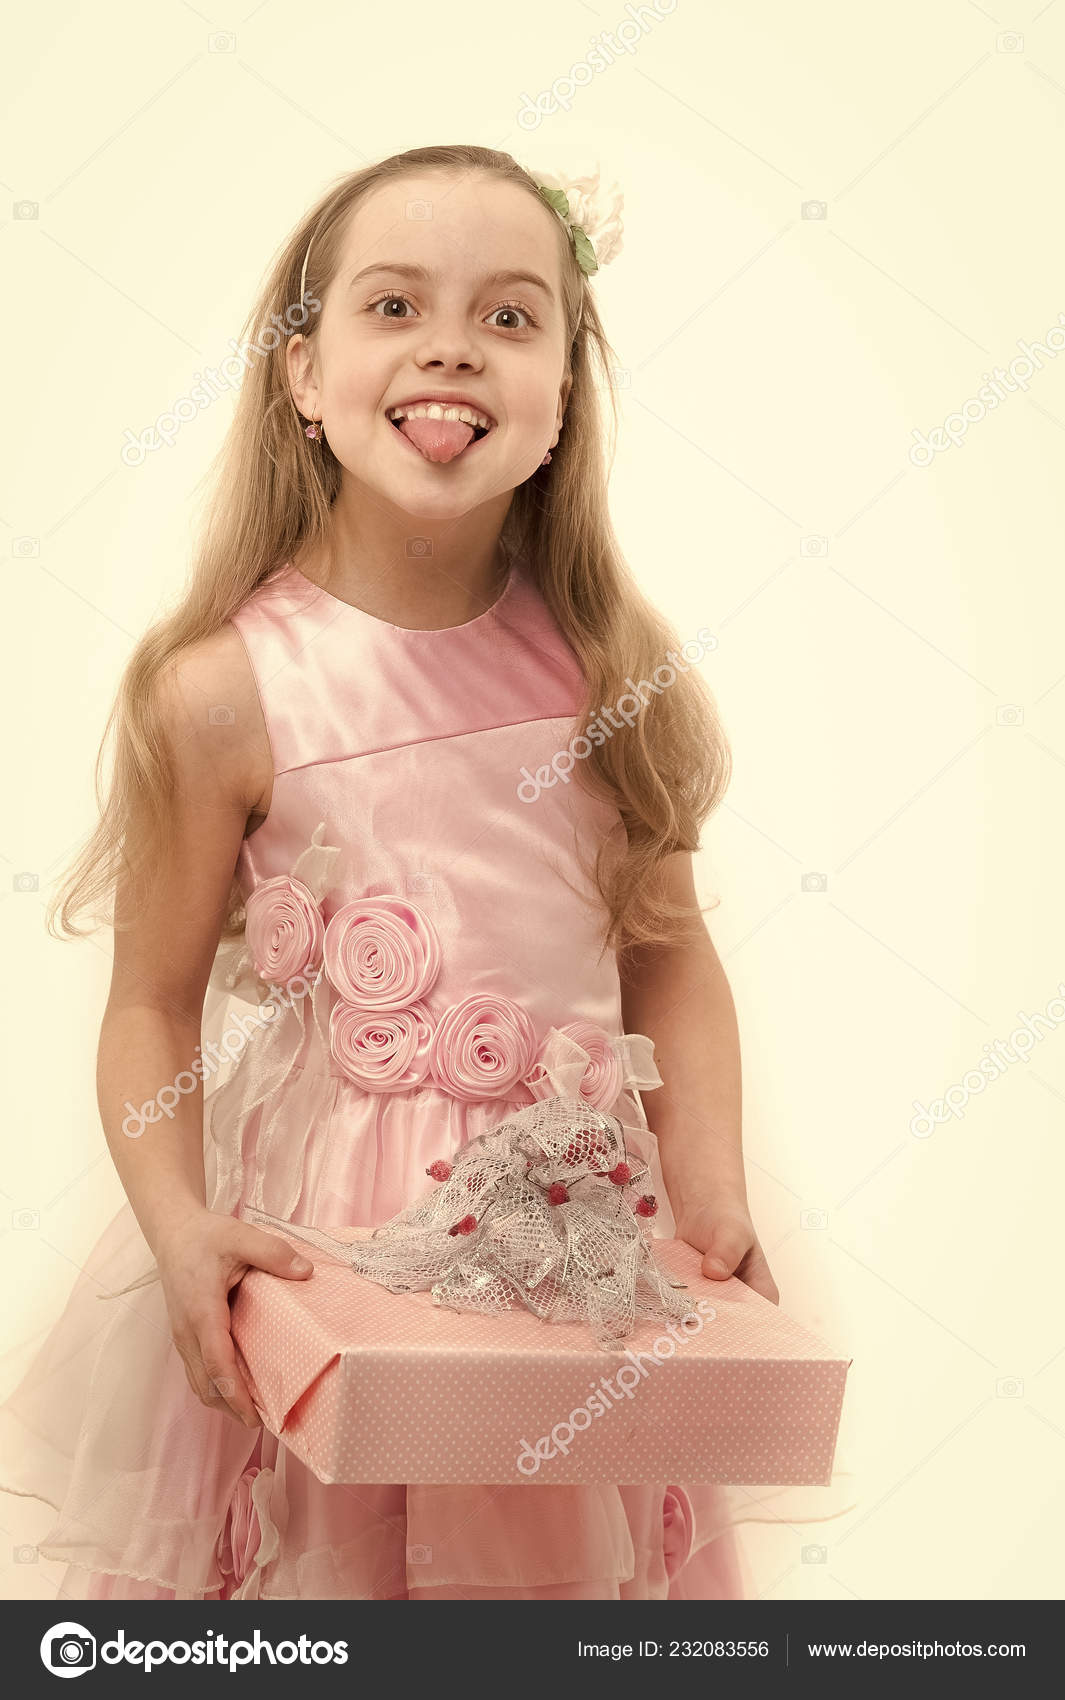 Bilder zu Zwei kleine Mädchen ragen Zungen gegenseitig necken Lizenzfreie Fotos Image 49811189.